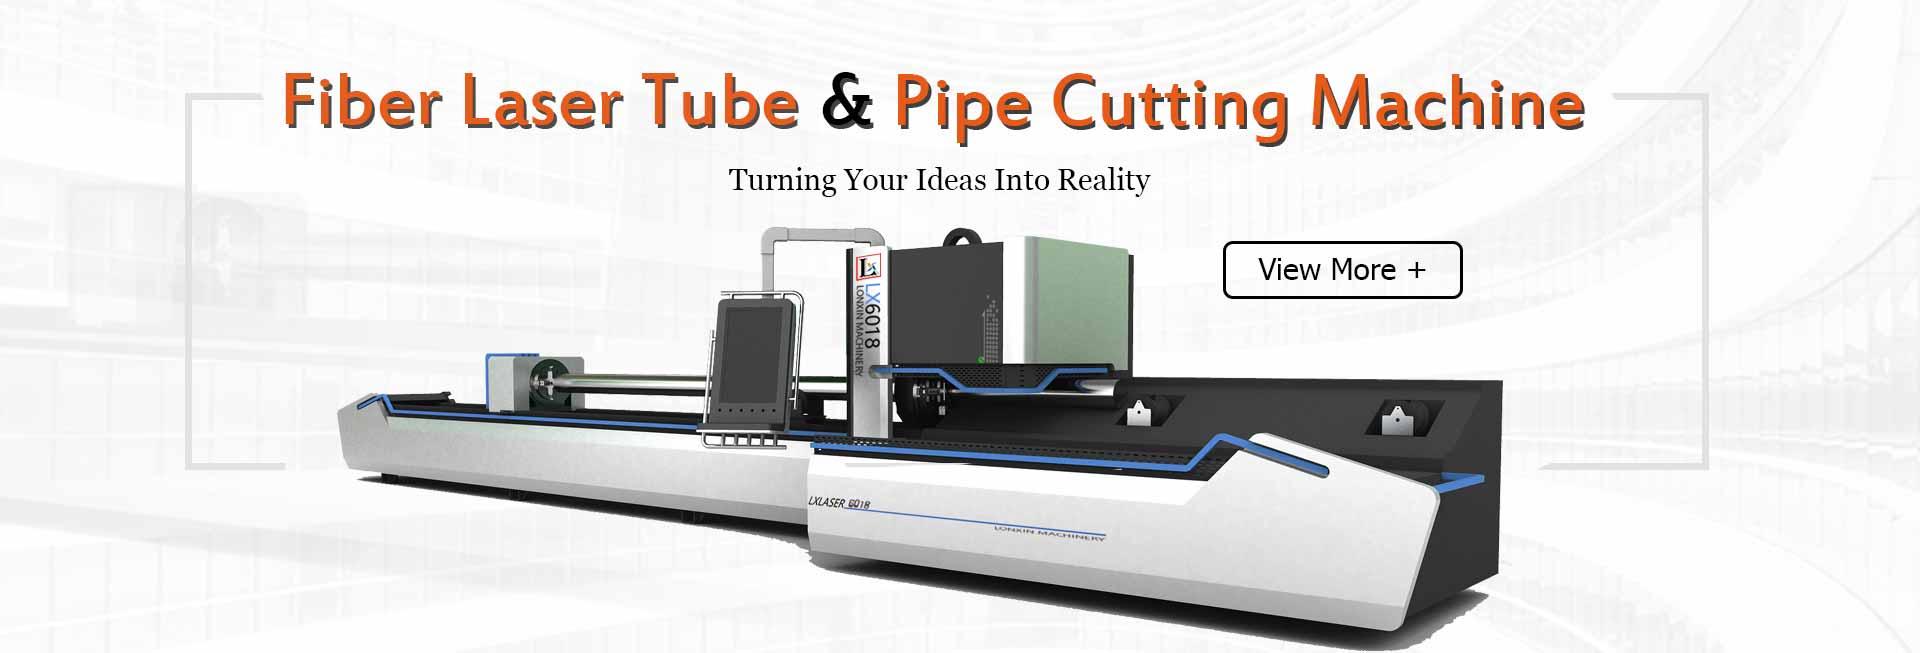 Fiber Laser Tube & Pipe Cutting Machine